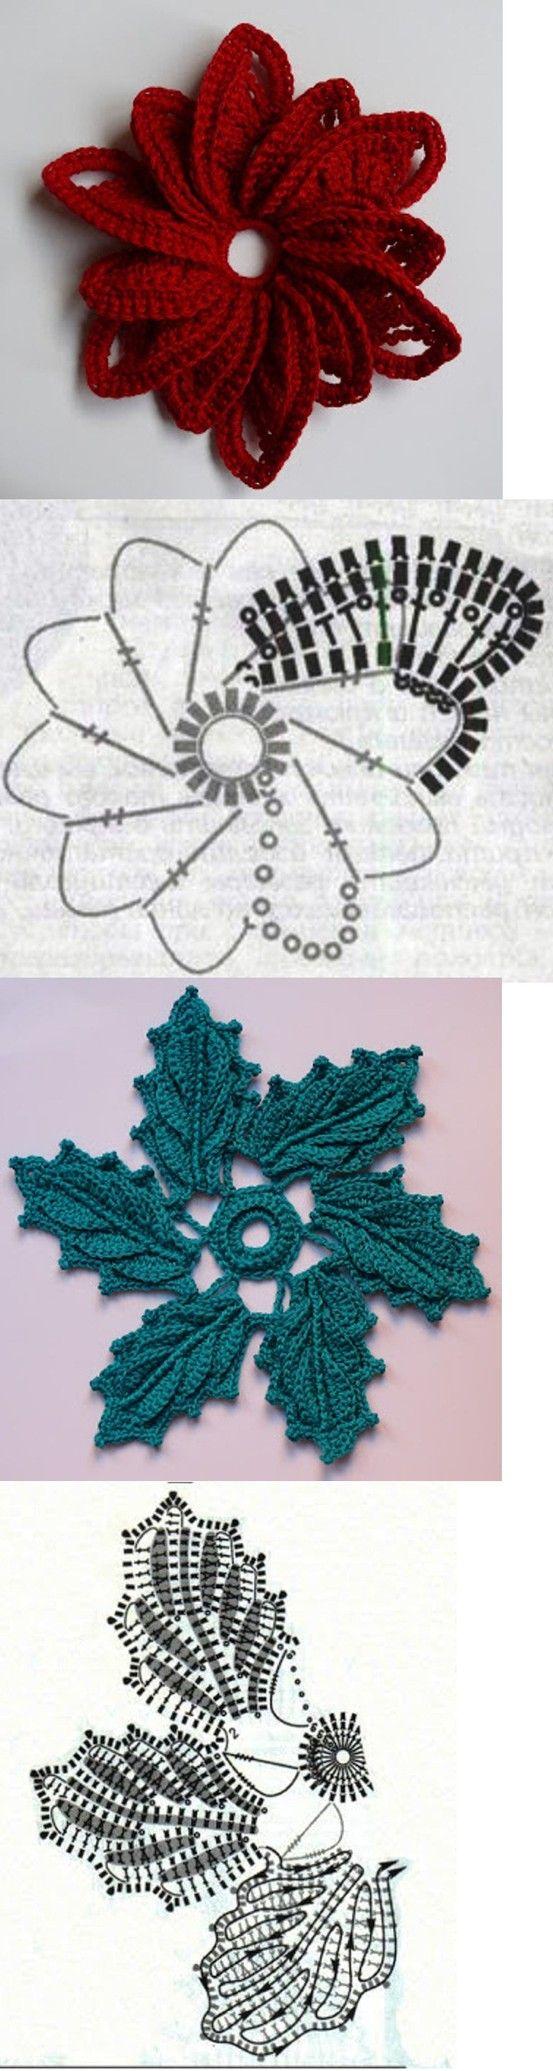 motifs crochet: